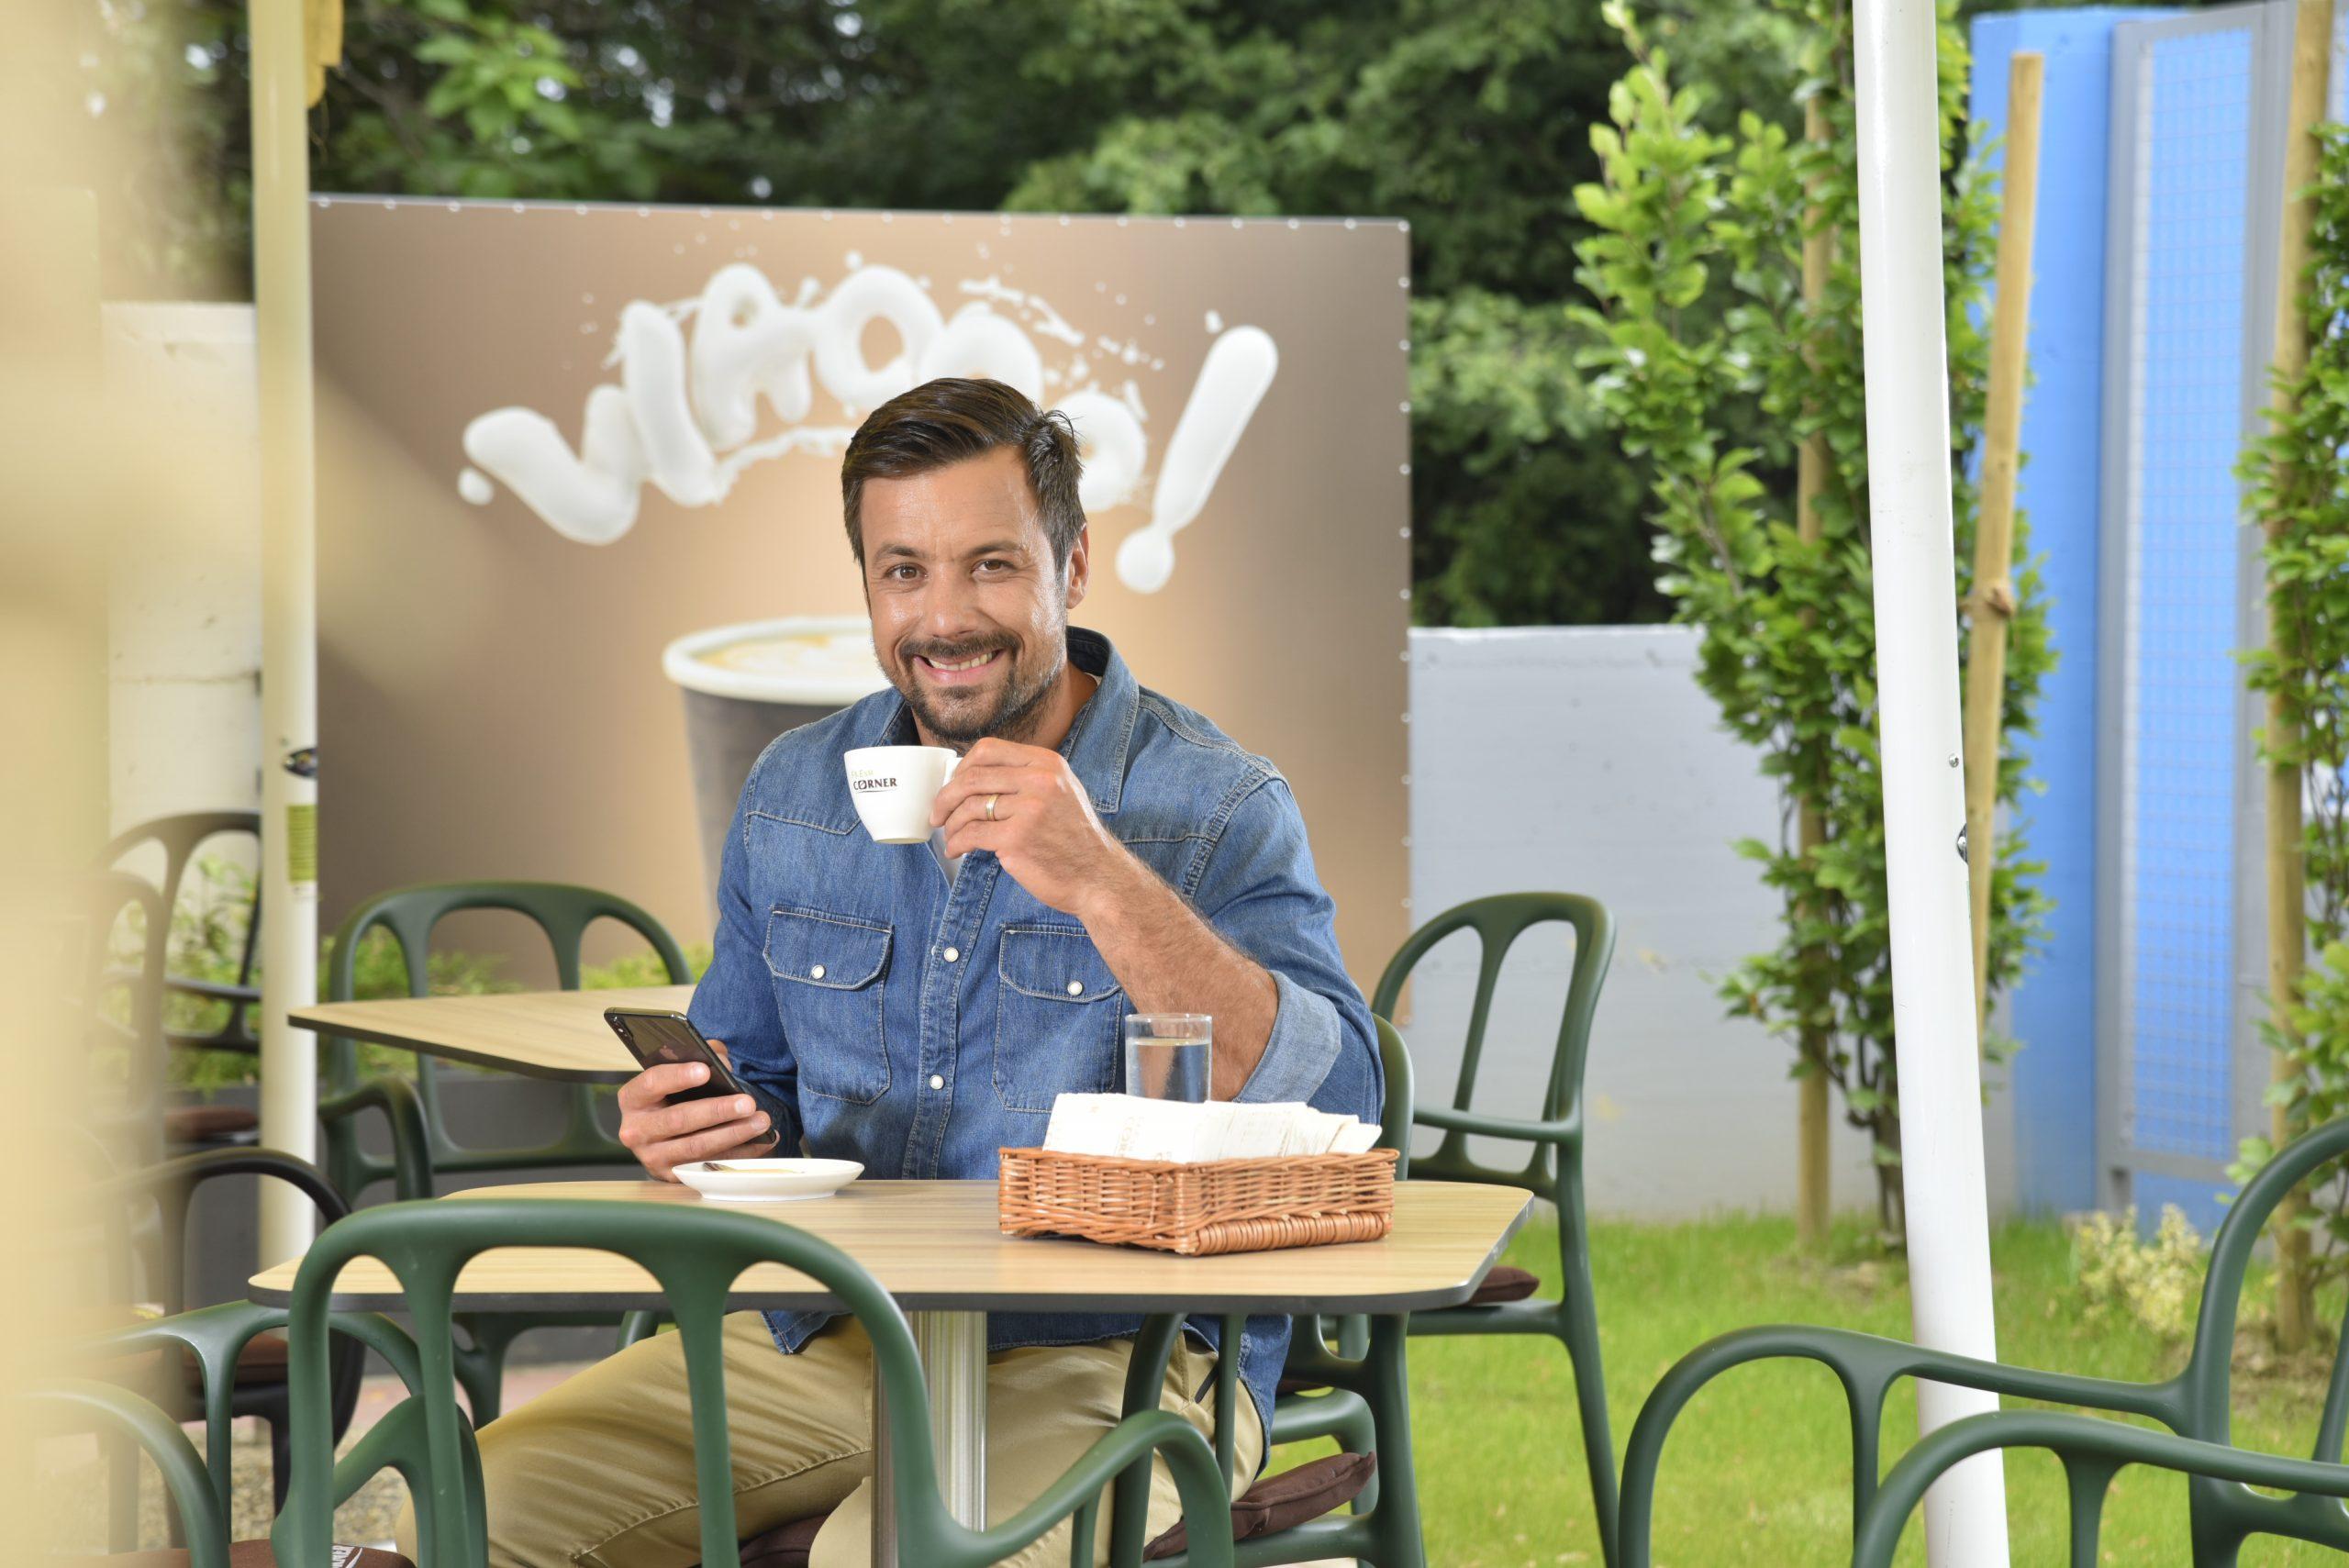 Preuzmite INA Loyalty aplikaciju, ostvarite popuste na vrhunska Class Plus goriva, popijte najbolju kavu i otkrijte sva iznenađenja koja vas čekaju, kao što to već čini Zlatko Horvat!